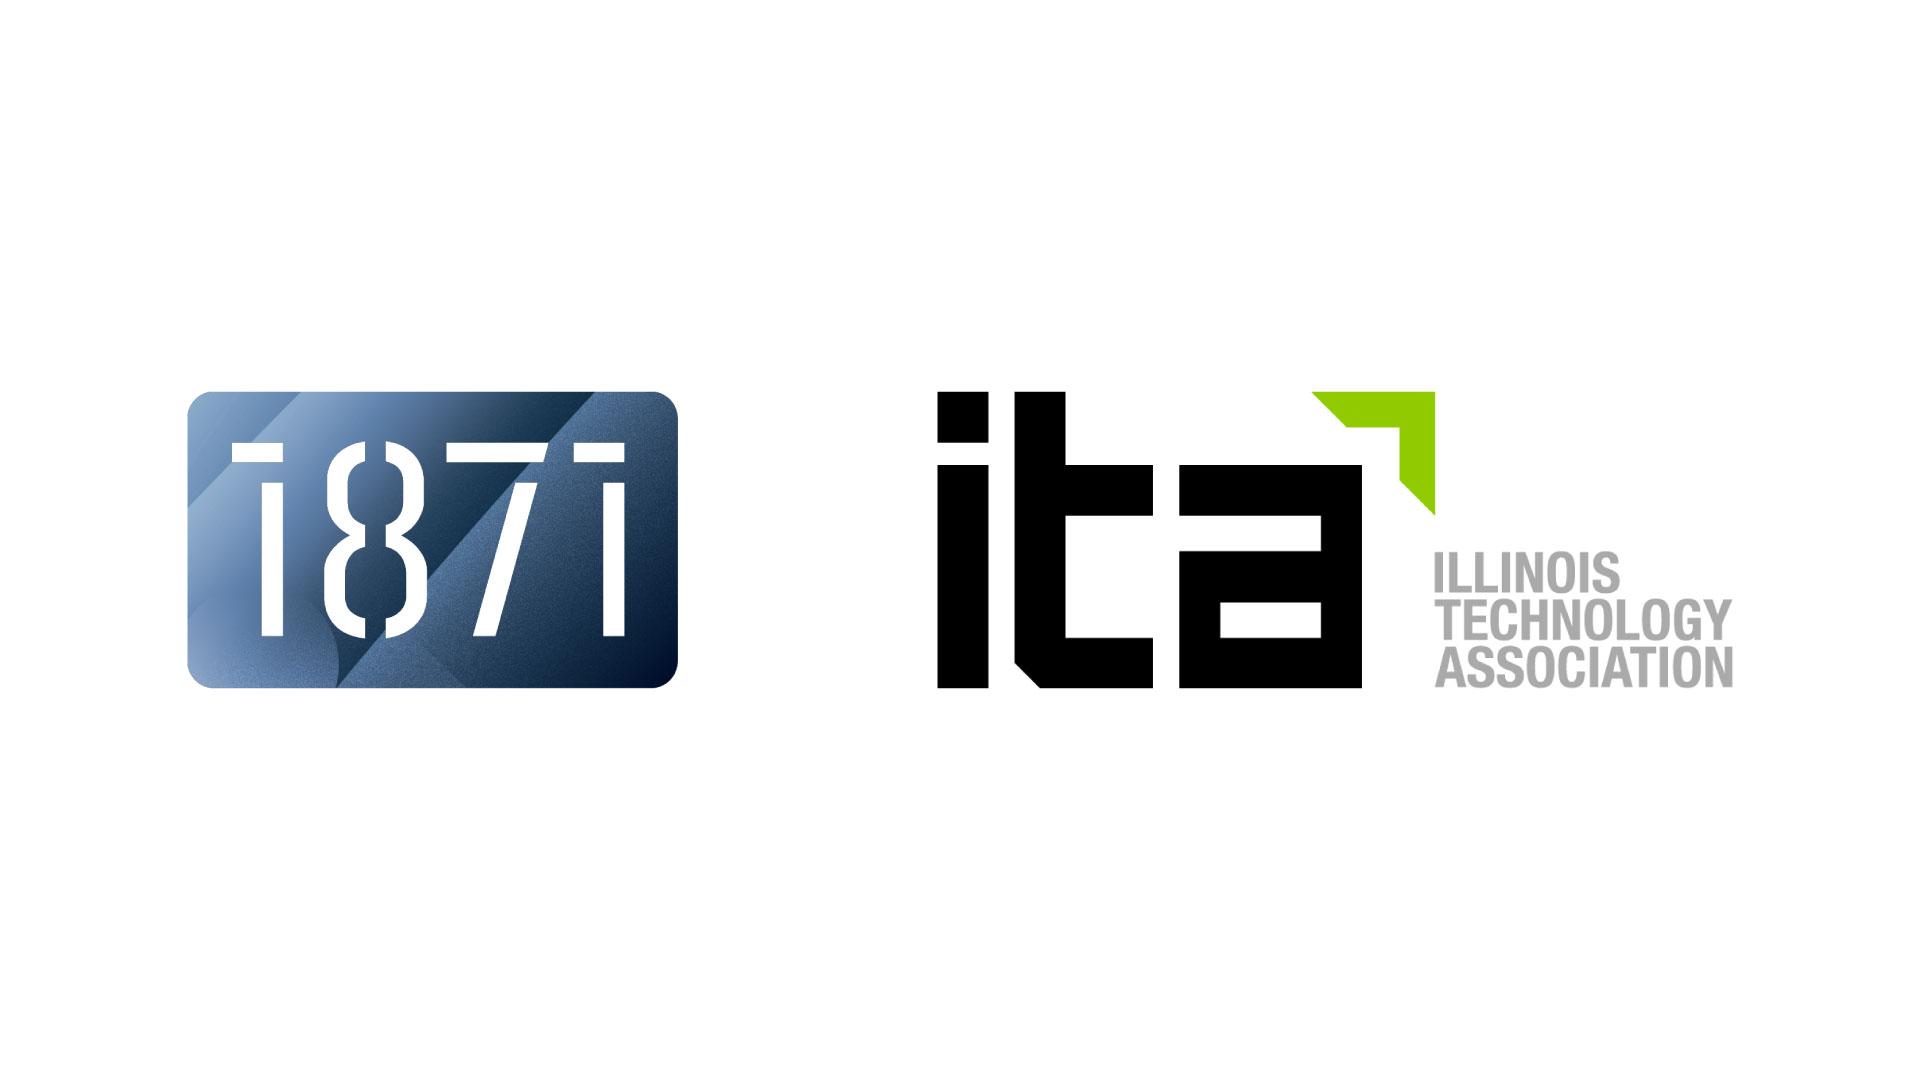 1871-ITA_Logos_wide-1